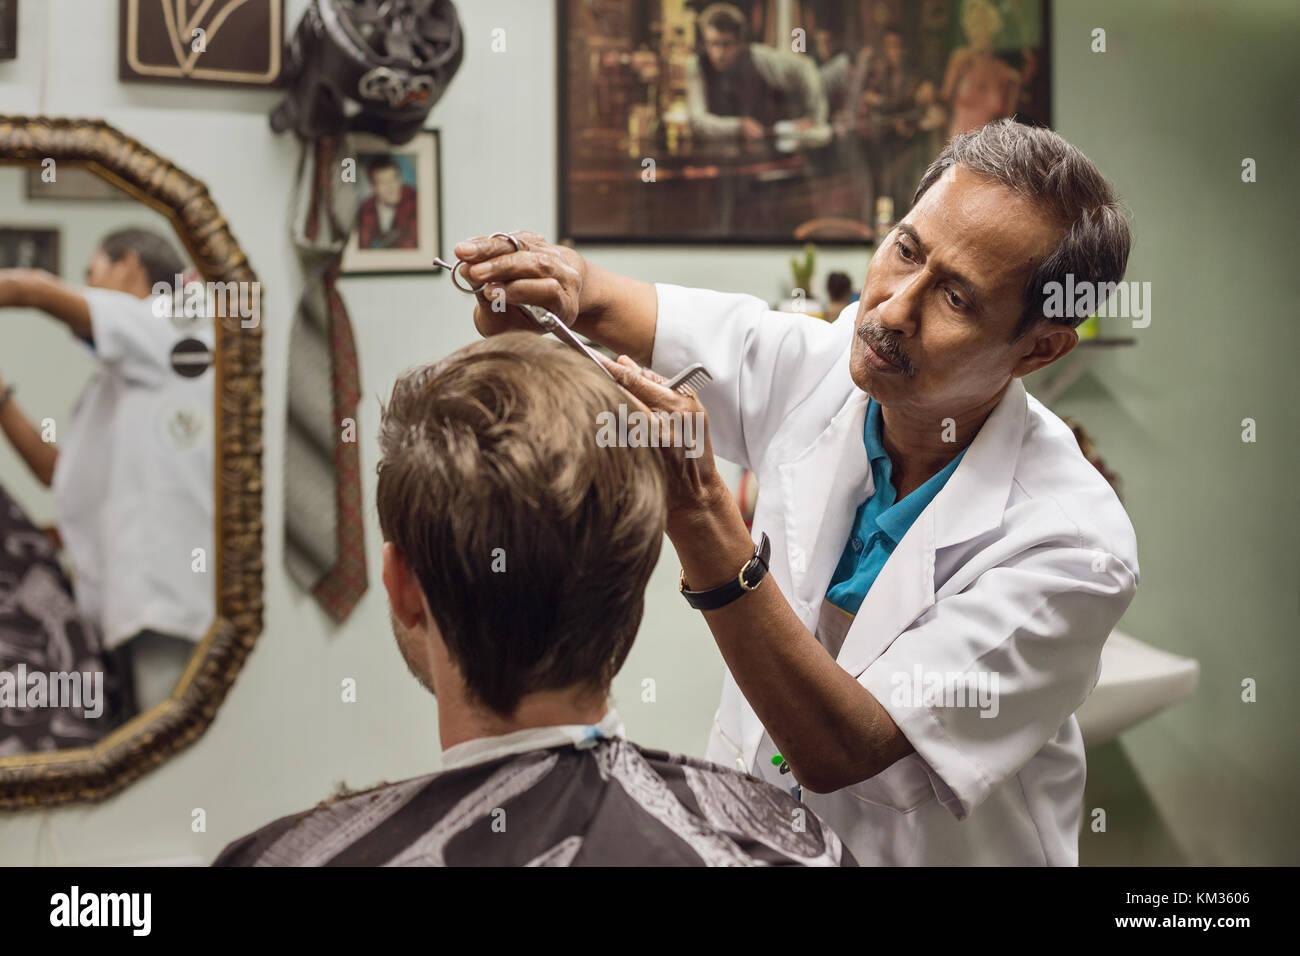 Barber malaya concentrarse en el trabajo Imagen De Stock